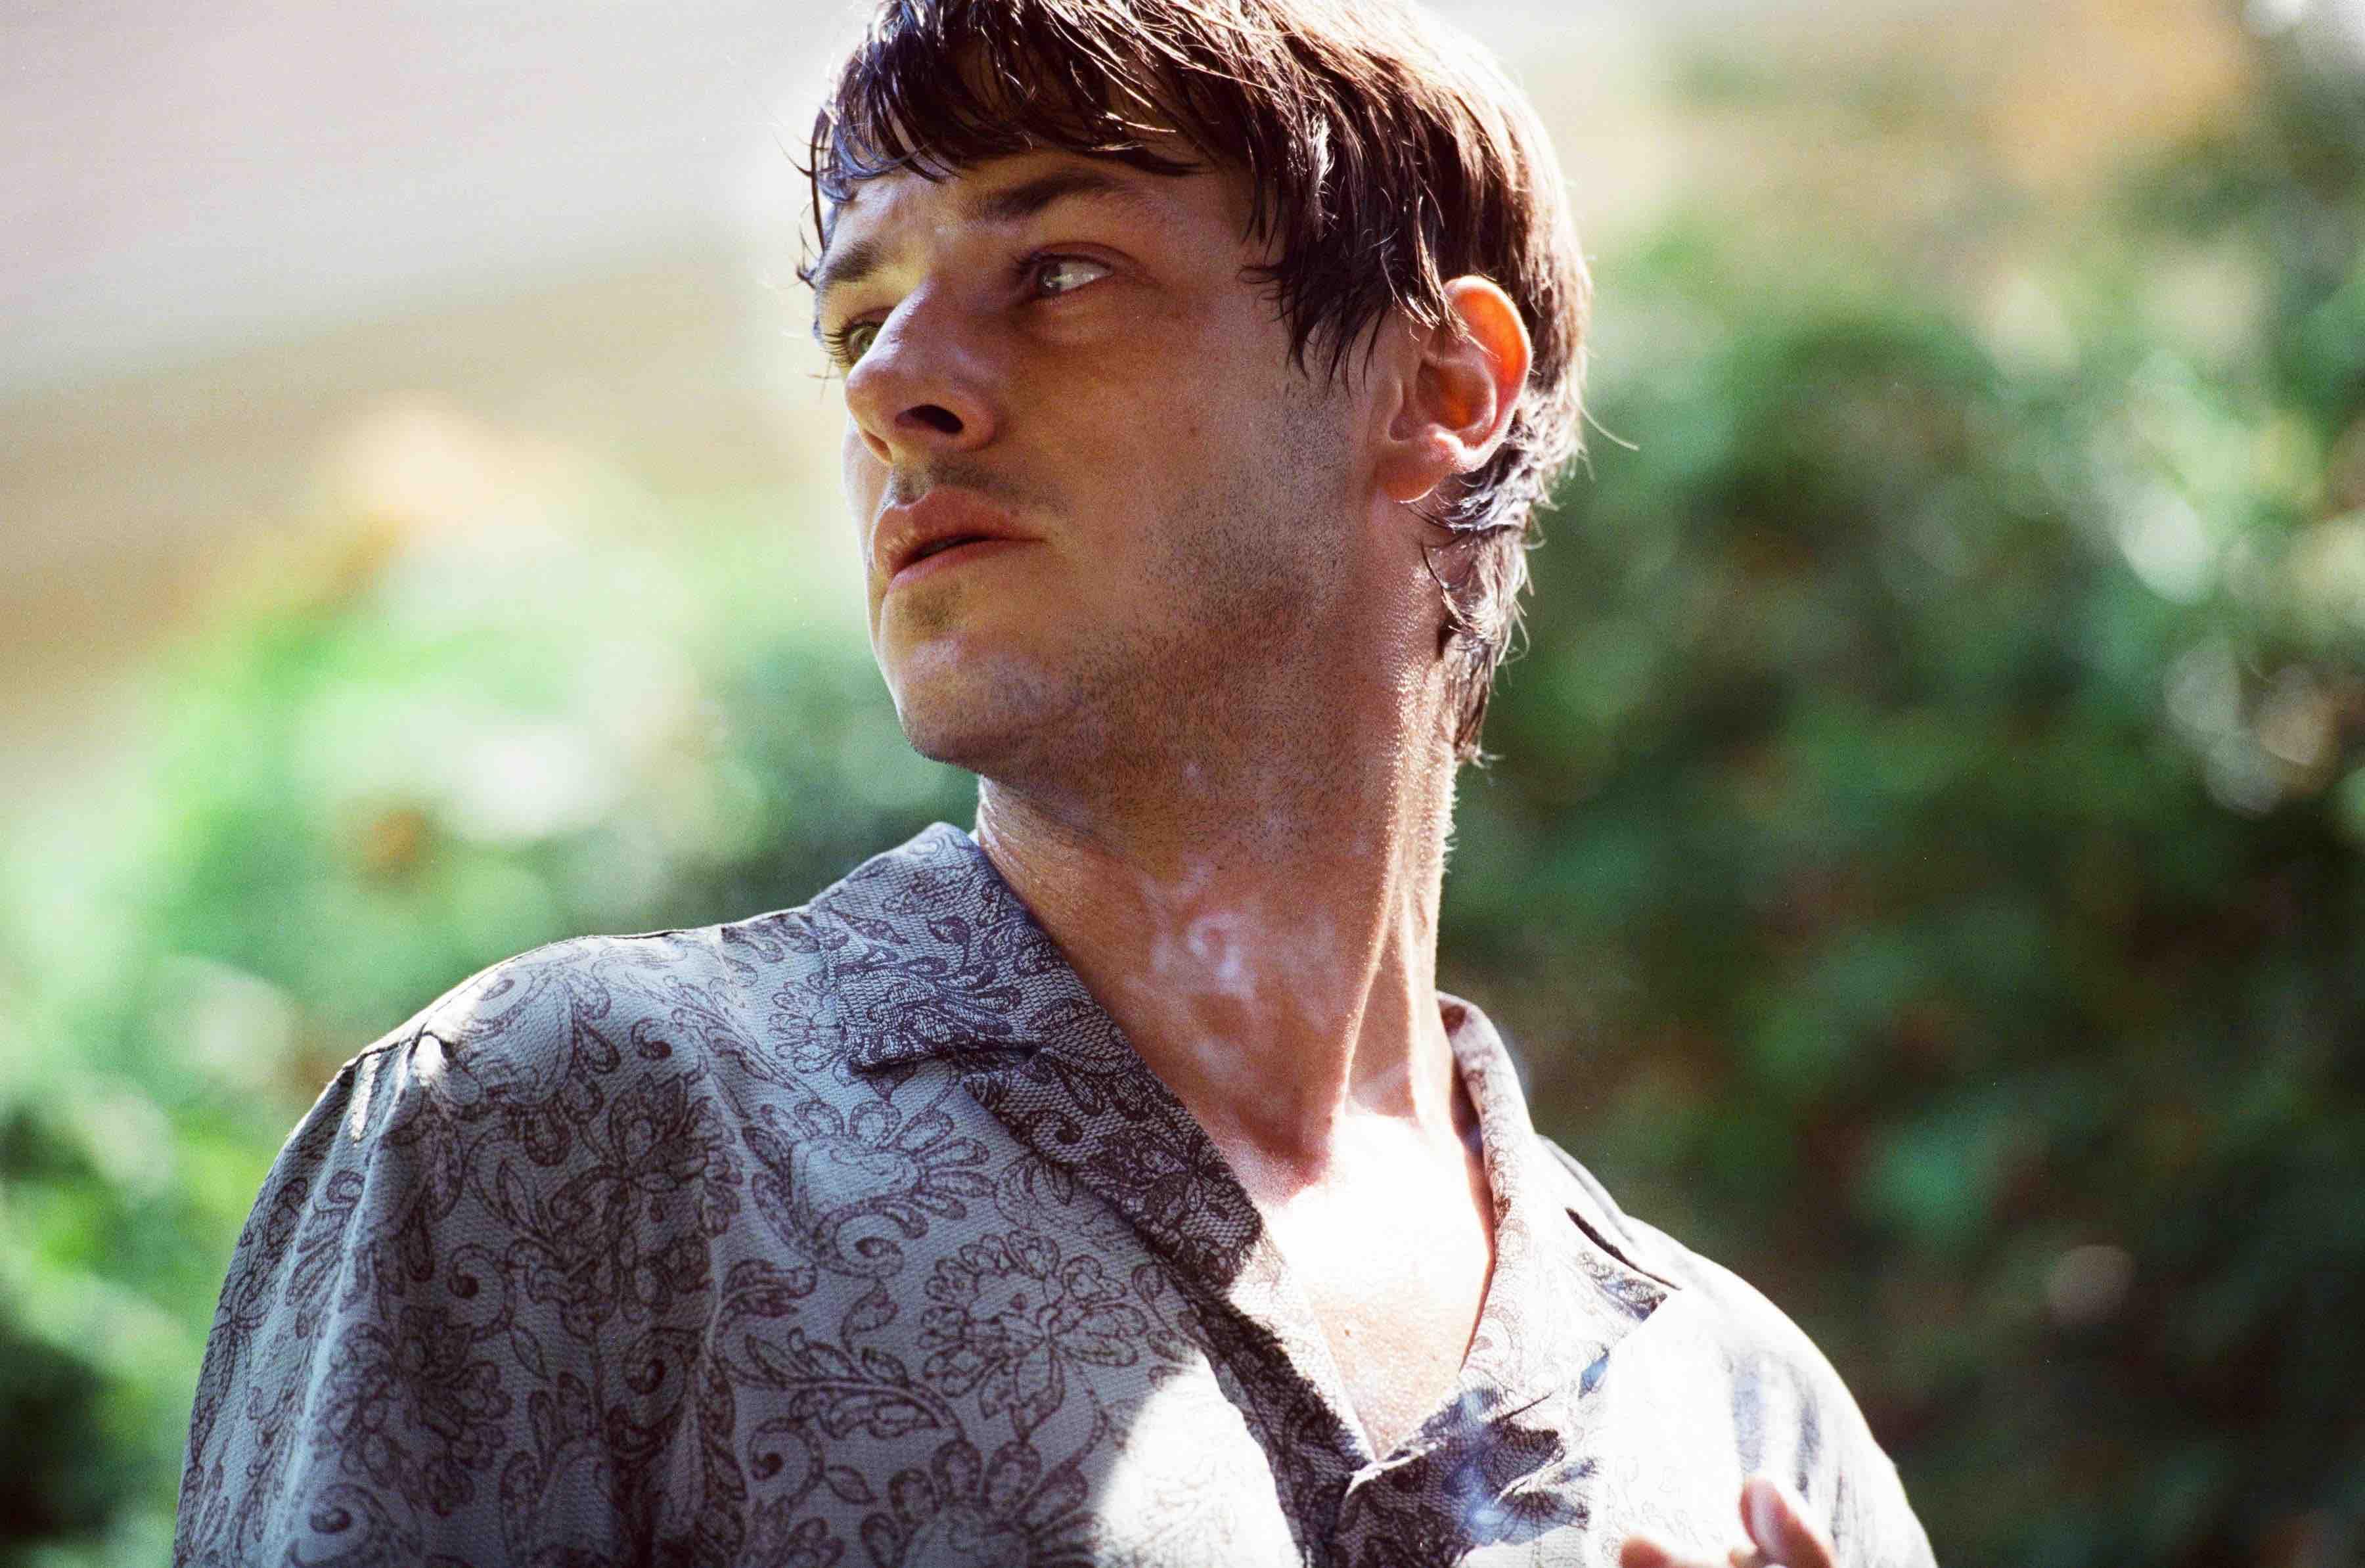 """En direct de Cannes : que faut-il penser de """"Juste la fin du monde"""", le nouveau film-événement de Xavier Dolan ?"""